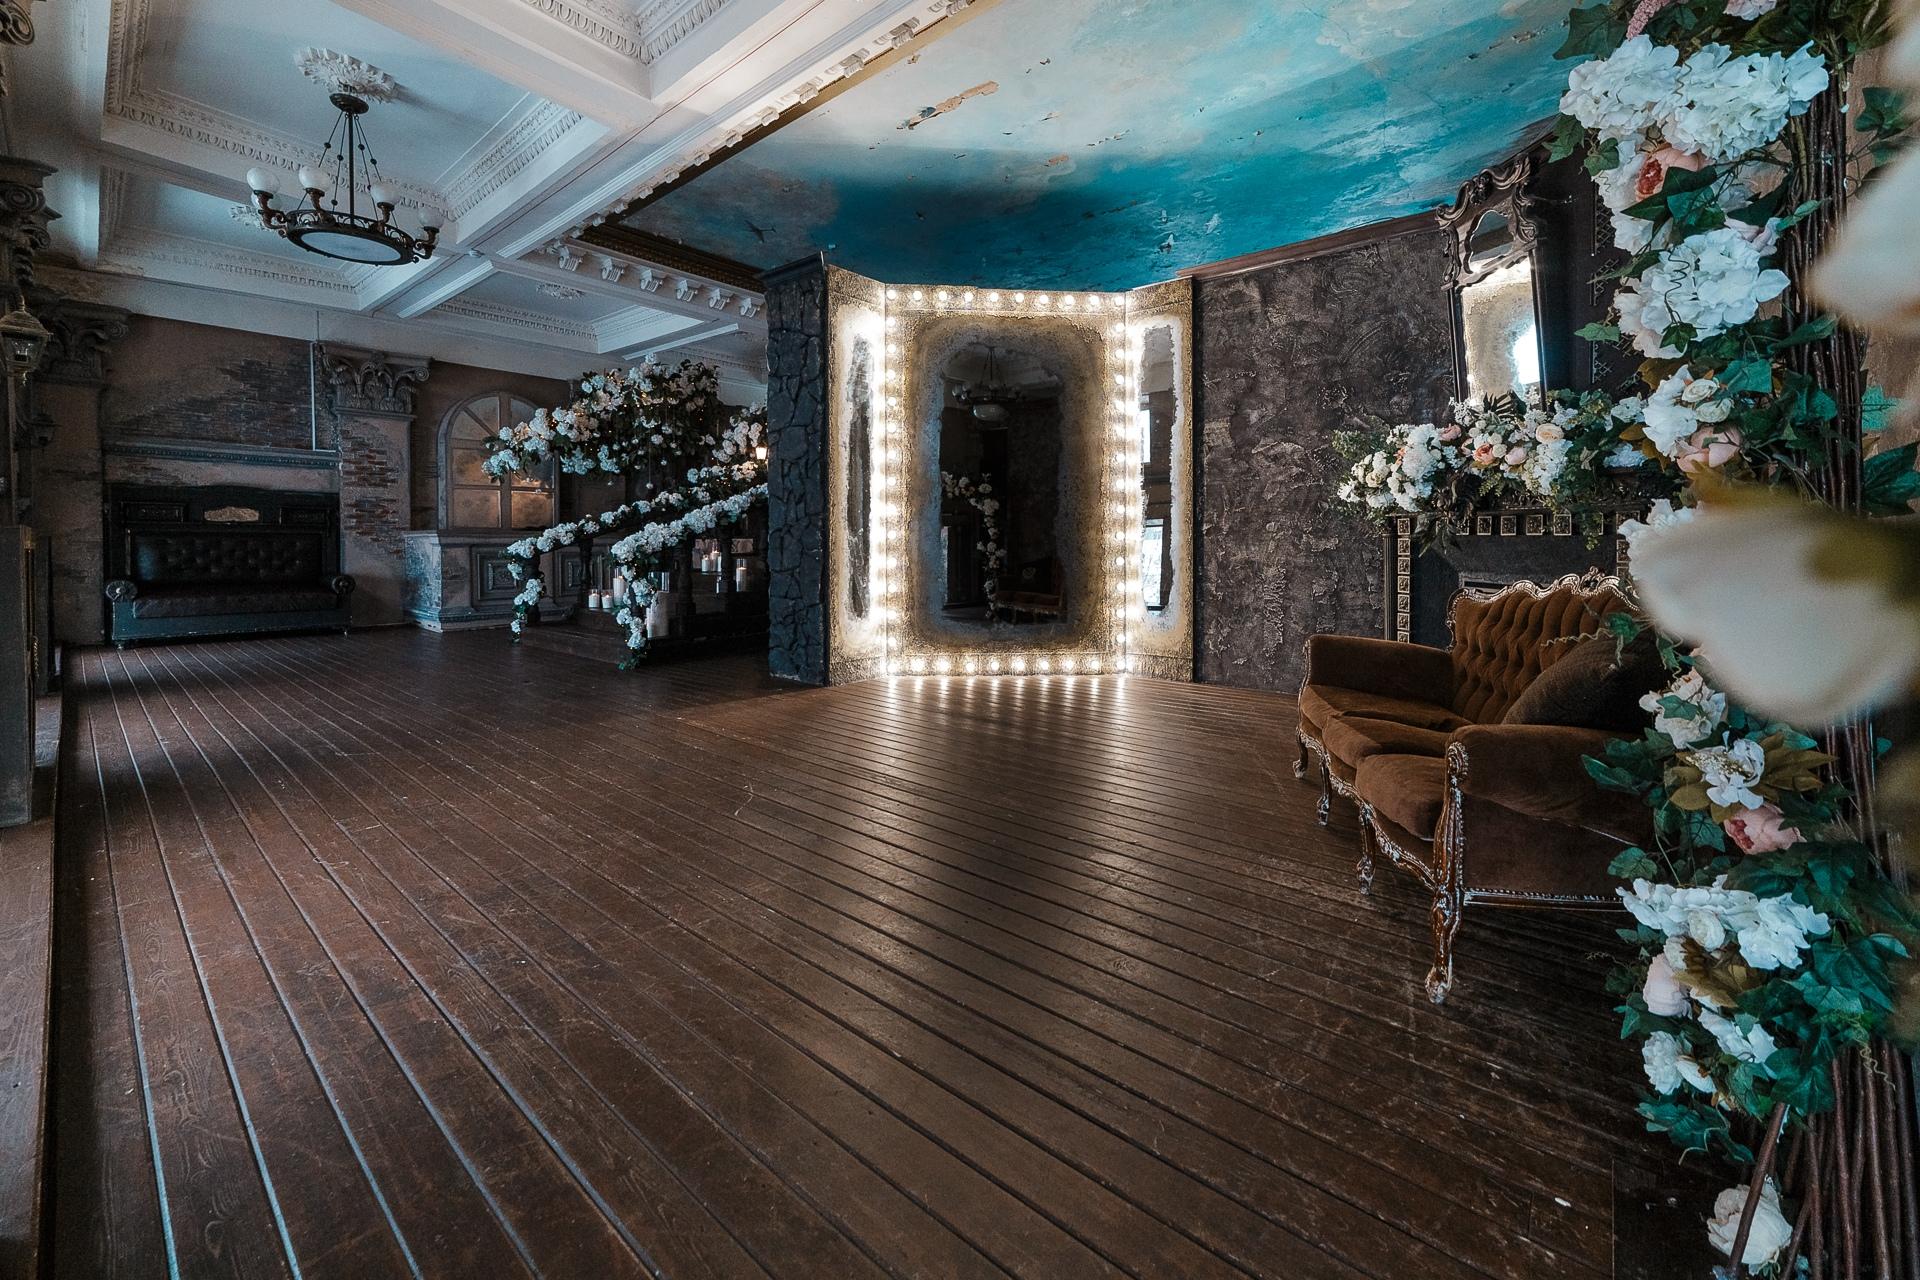 фотостудии нижнего новгорода с шикарными залами данном разделе можете